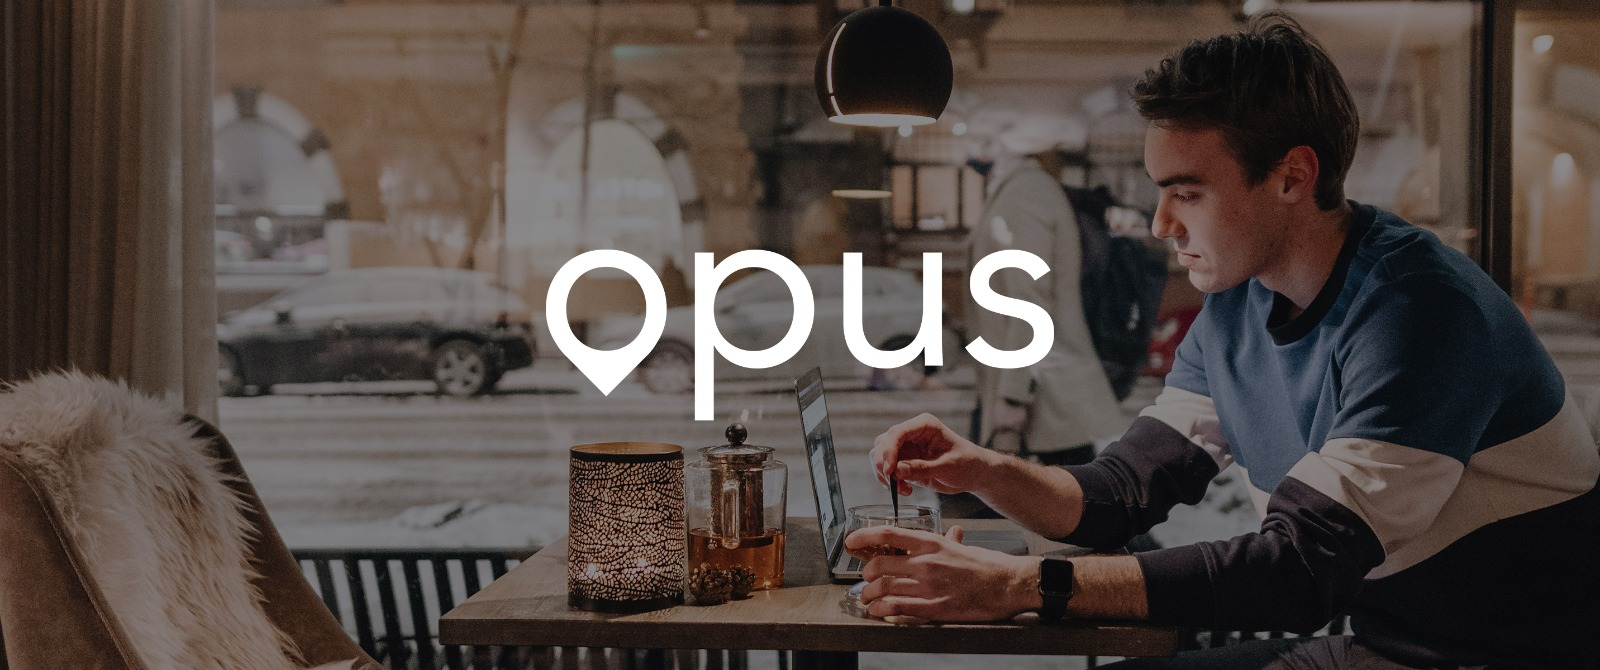 Företaget Opus